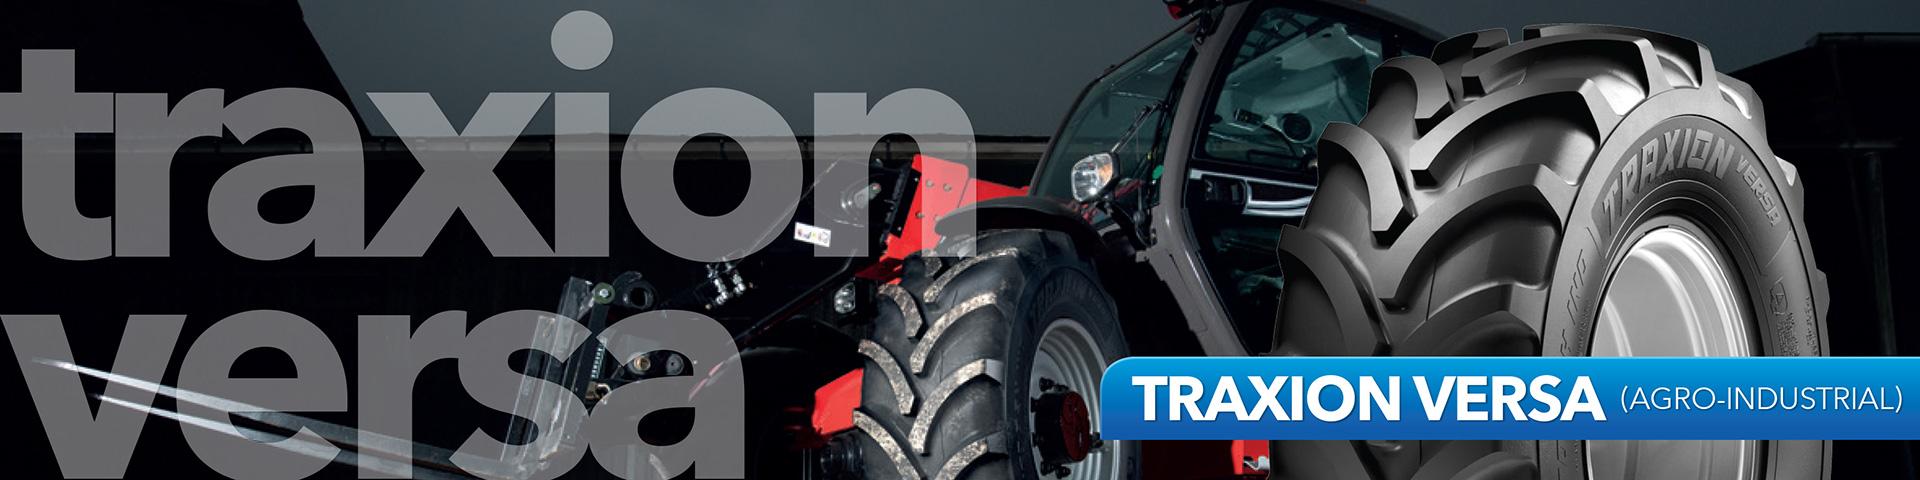 Traxion Versa Tyres